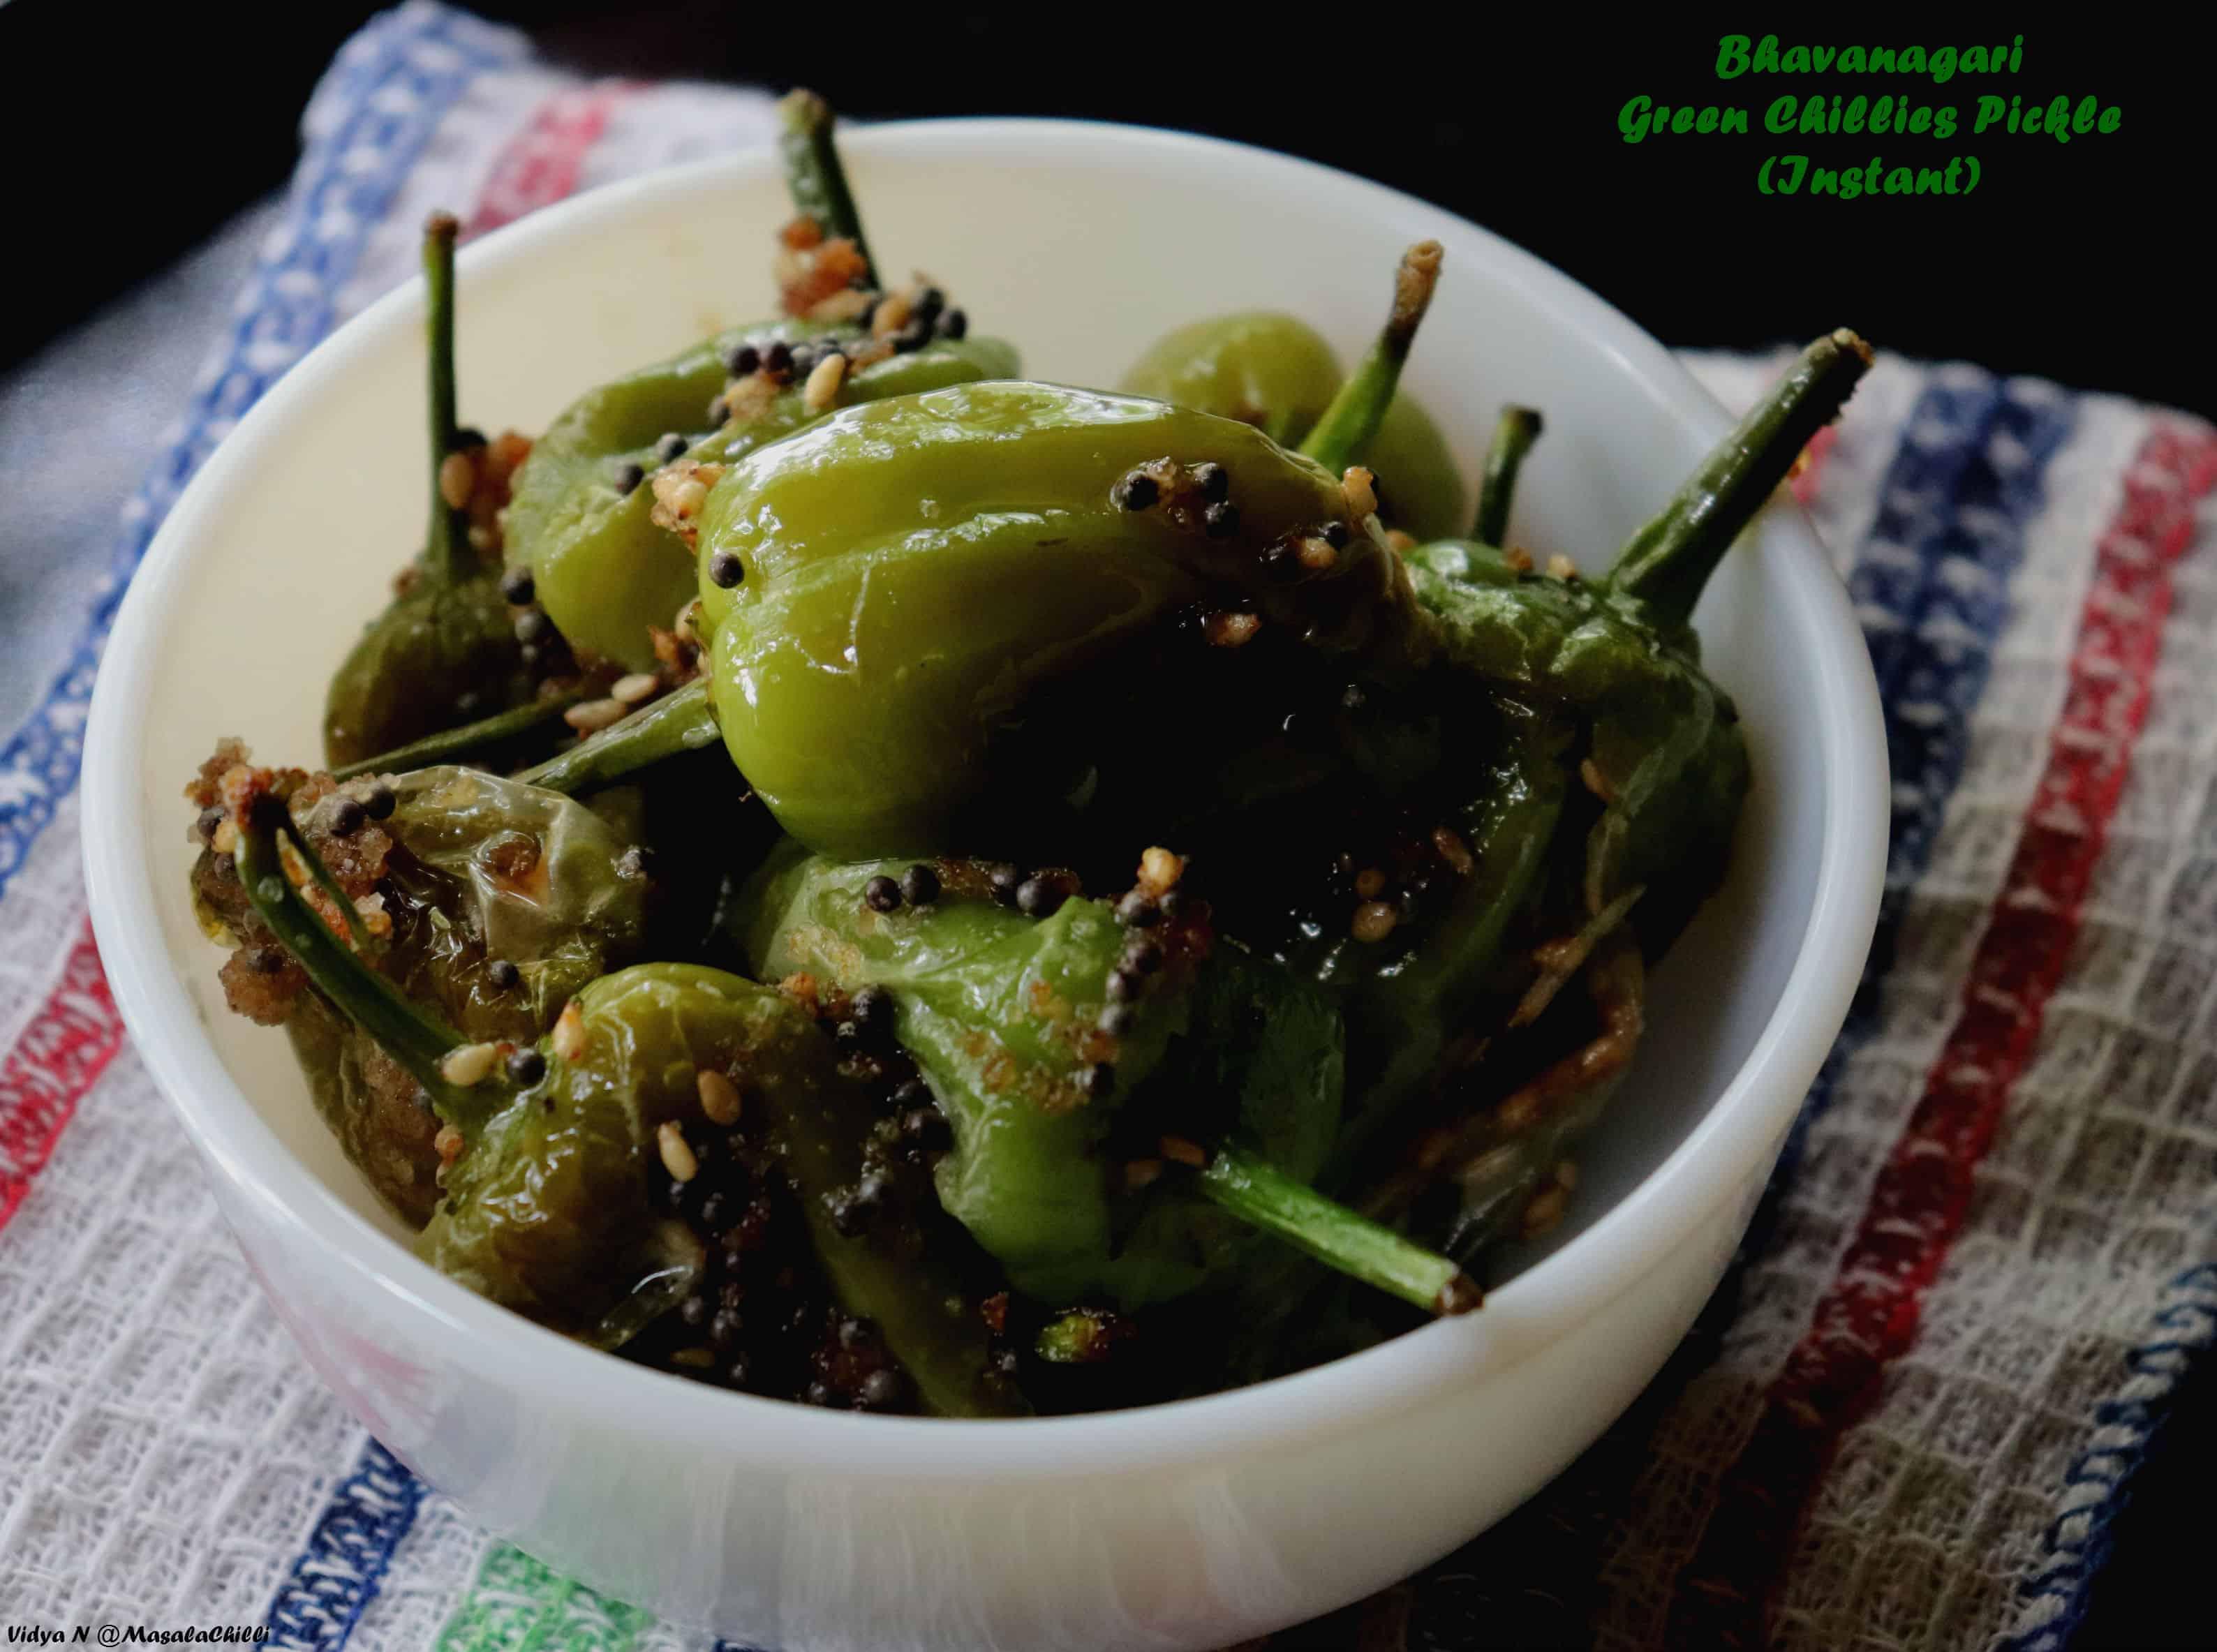 Bhavanagari Green Chillies Pickle (Instant)